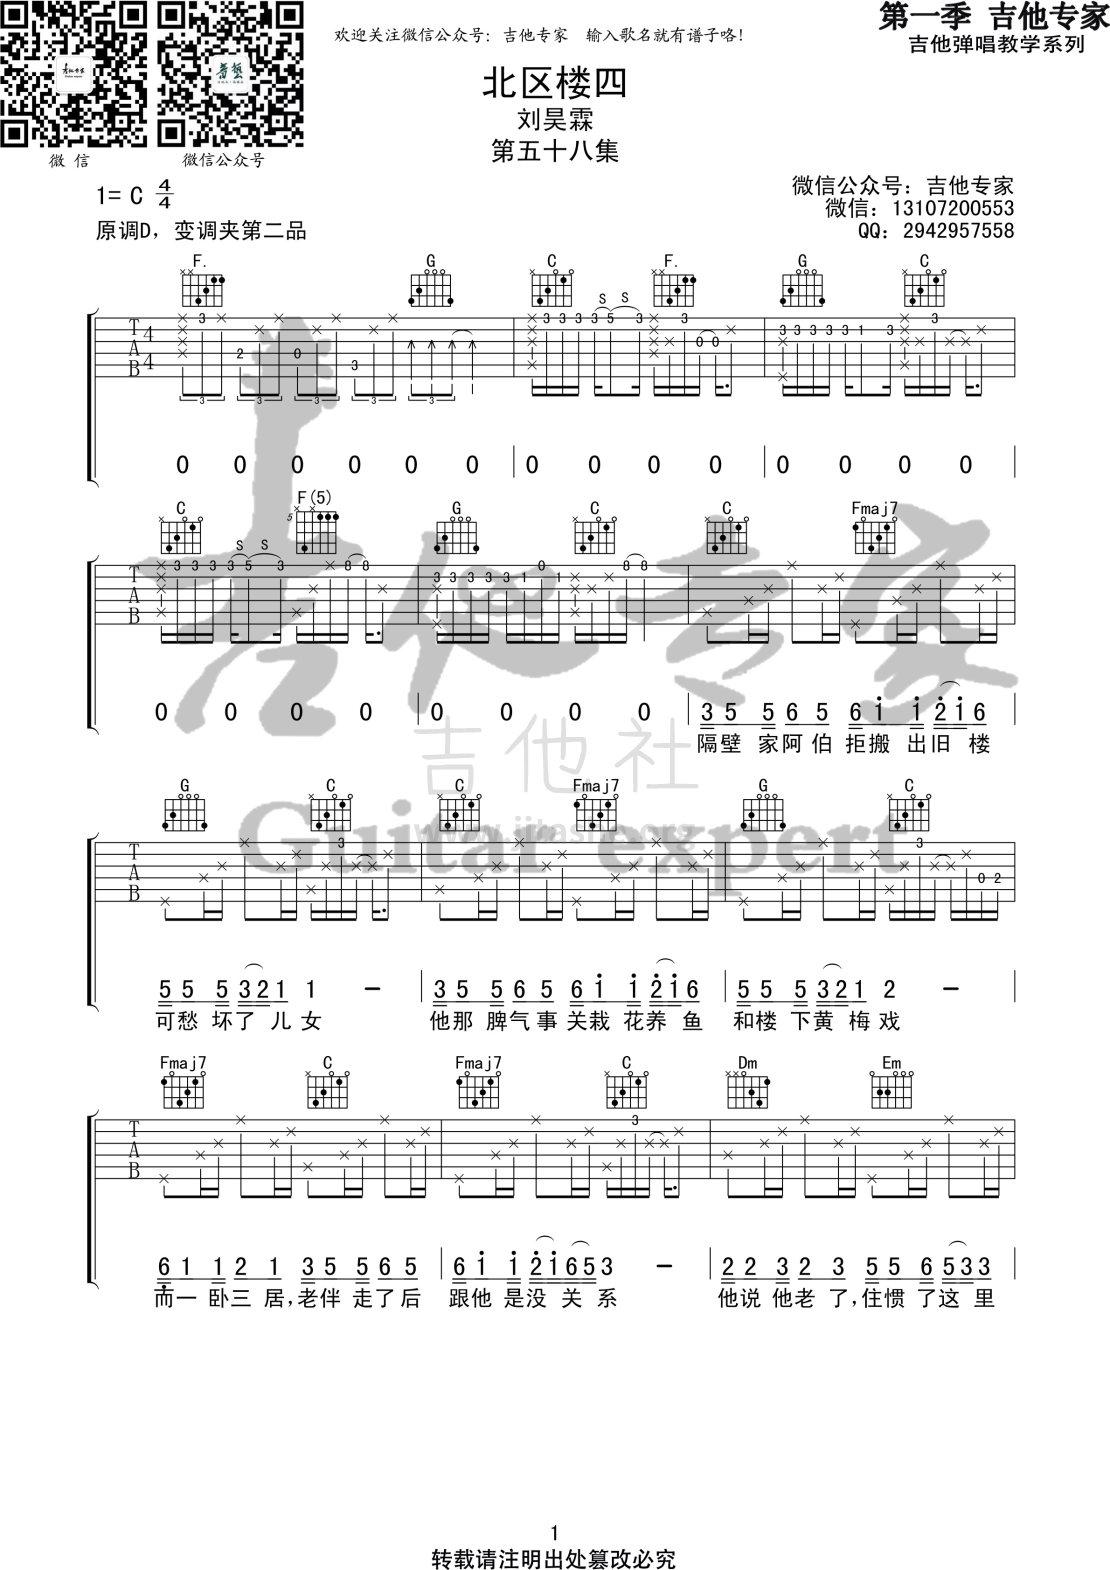 北区楼四(音艺吉他专家弹唱教学:第一季第58集)吉他谱(图片谱,弹唱,伴奏,教程)_刘昊霖_北区楼四1 第一季第五十八集.jpg